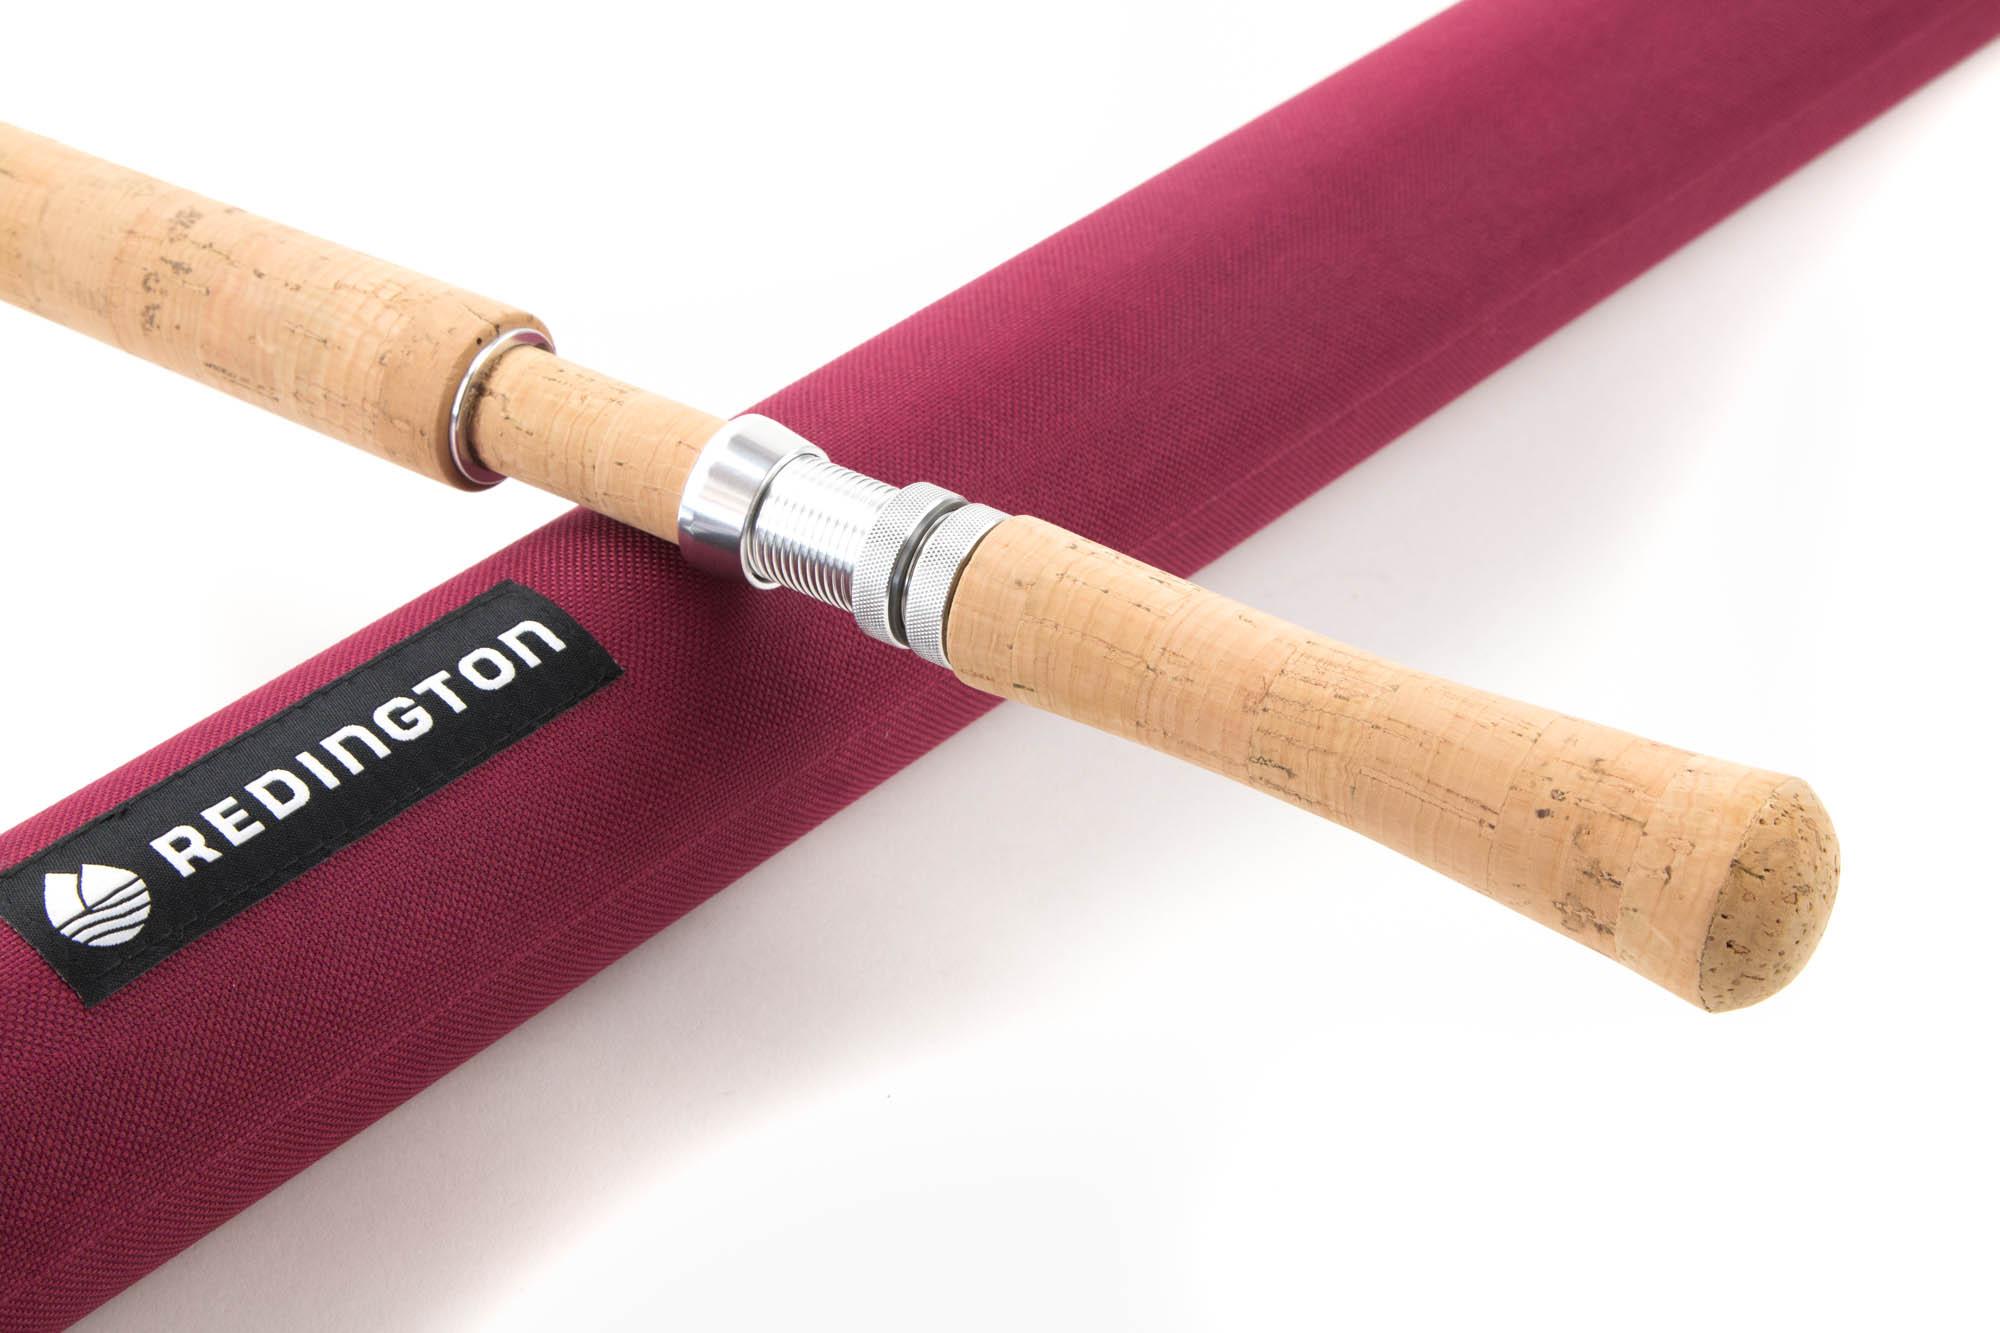 Redington Dually Spey Fly Rod 500